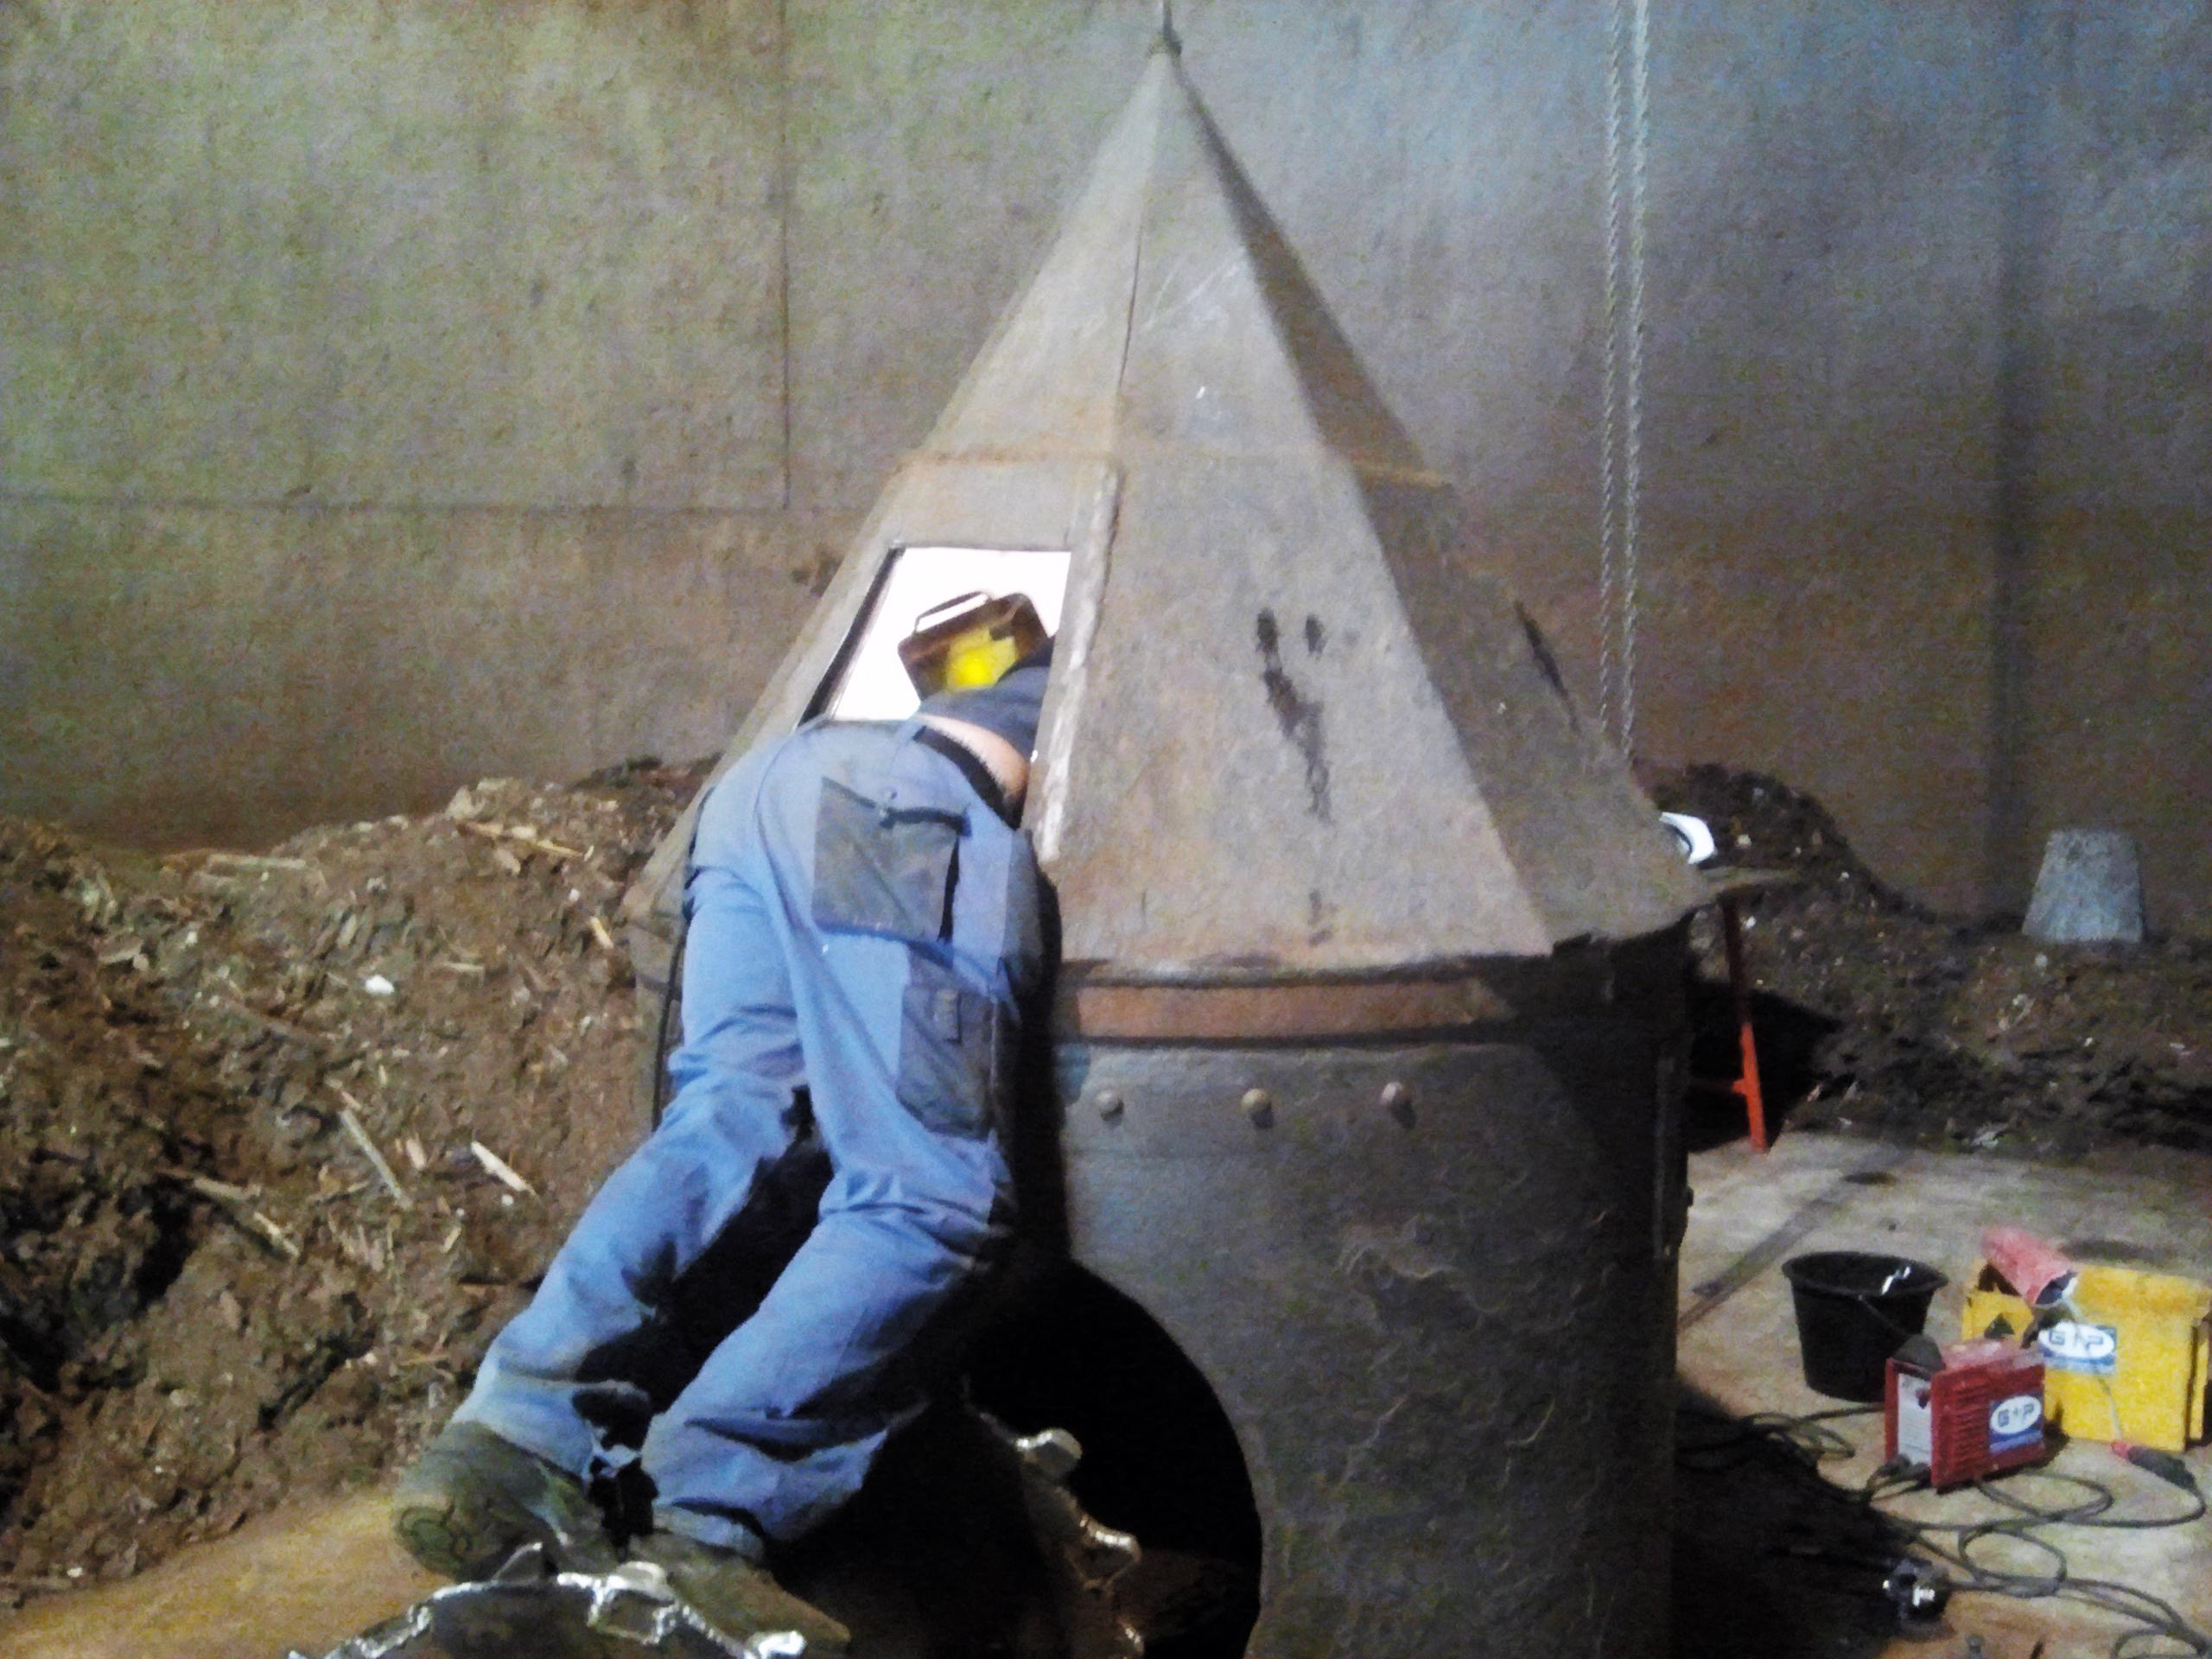 Schweisser Arbeiten und Personal für Kraftwerke